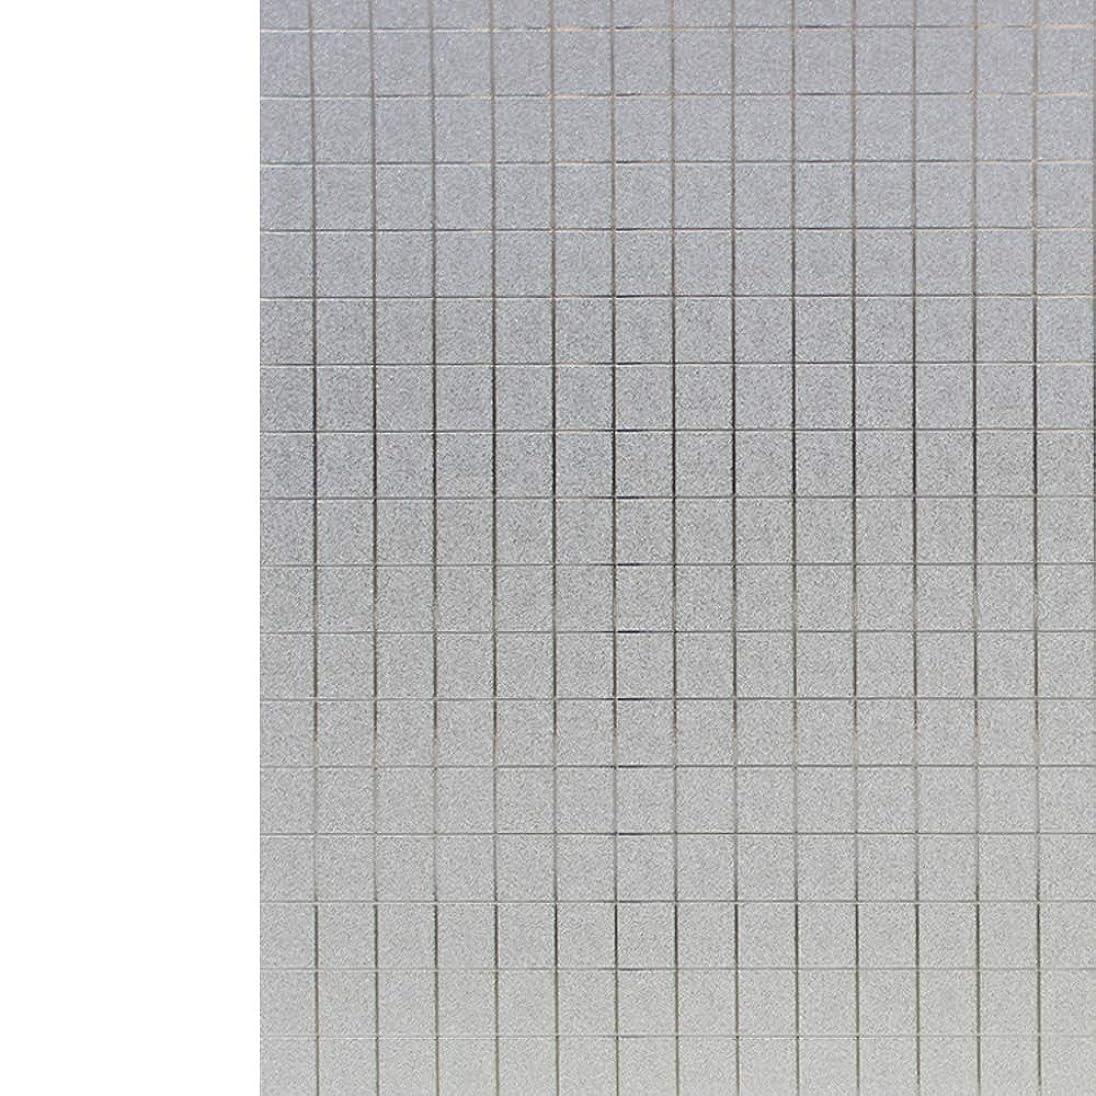 戦うストロー上に築きますYiwanda 窓ガラスフィルム 断熱フィルム UVカットシート 無接着剤 遮光 遮熱 ガラスフィルム 建築建物ガラスフィルム 飛散防止 (90*300CM,46)